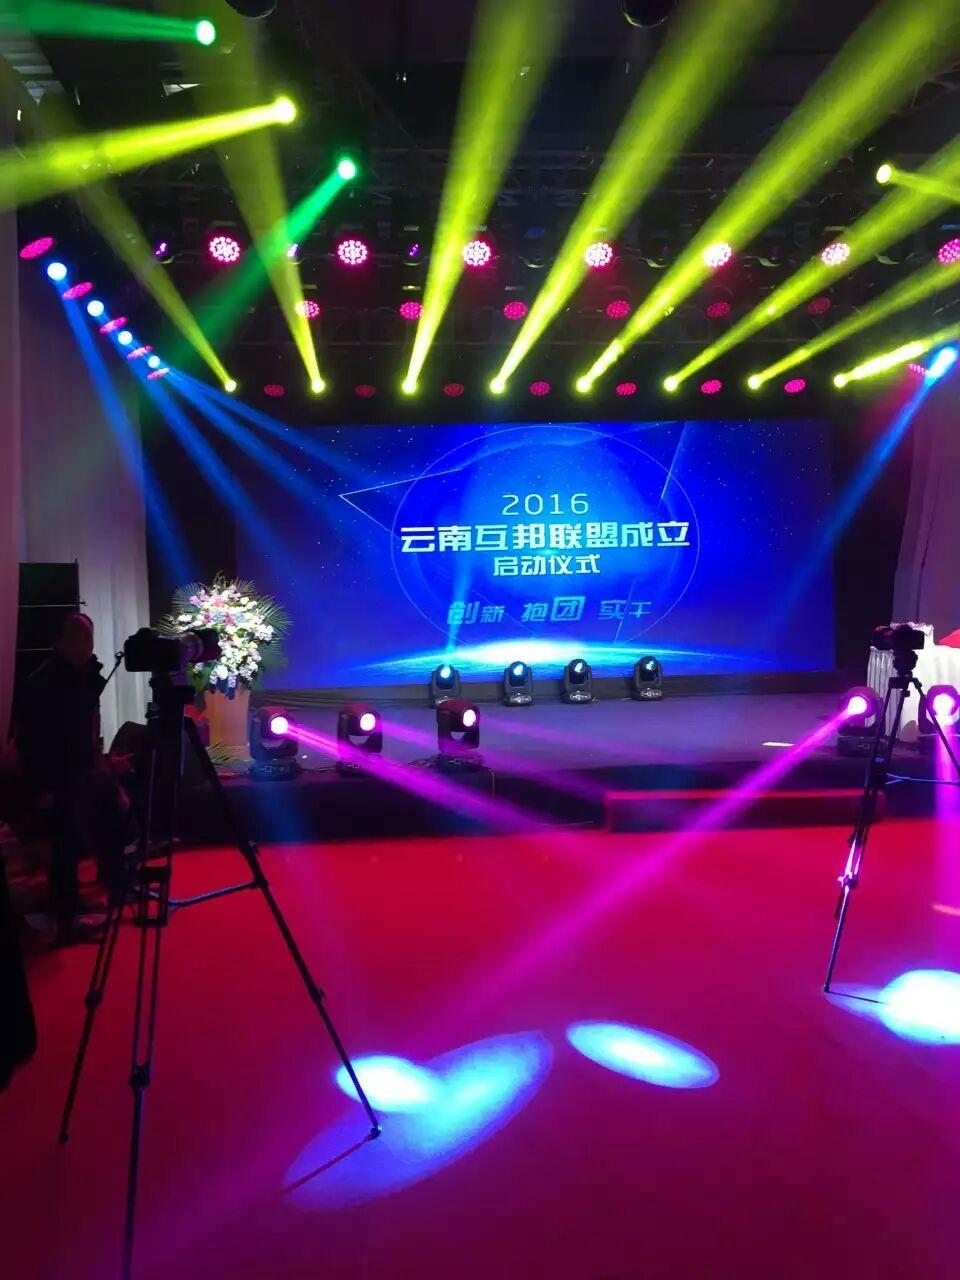 舞台灯光背景显示屏